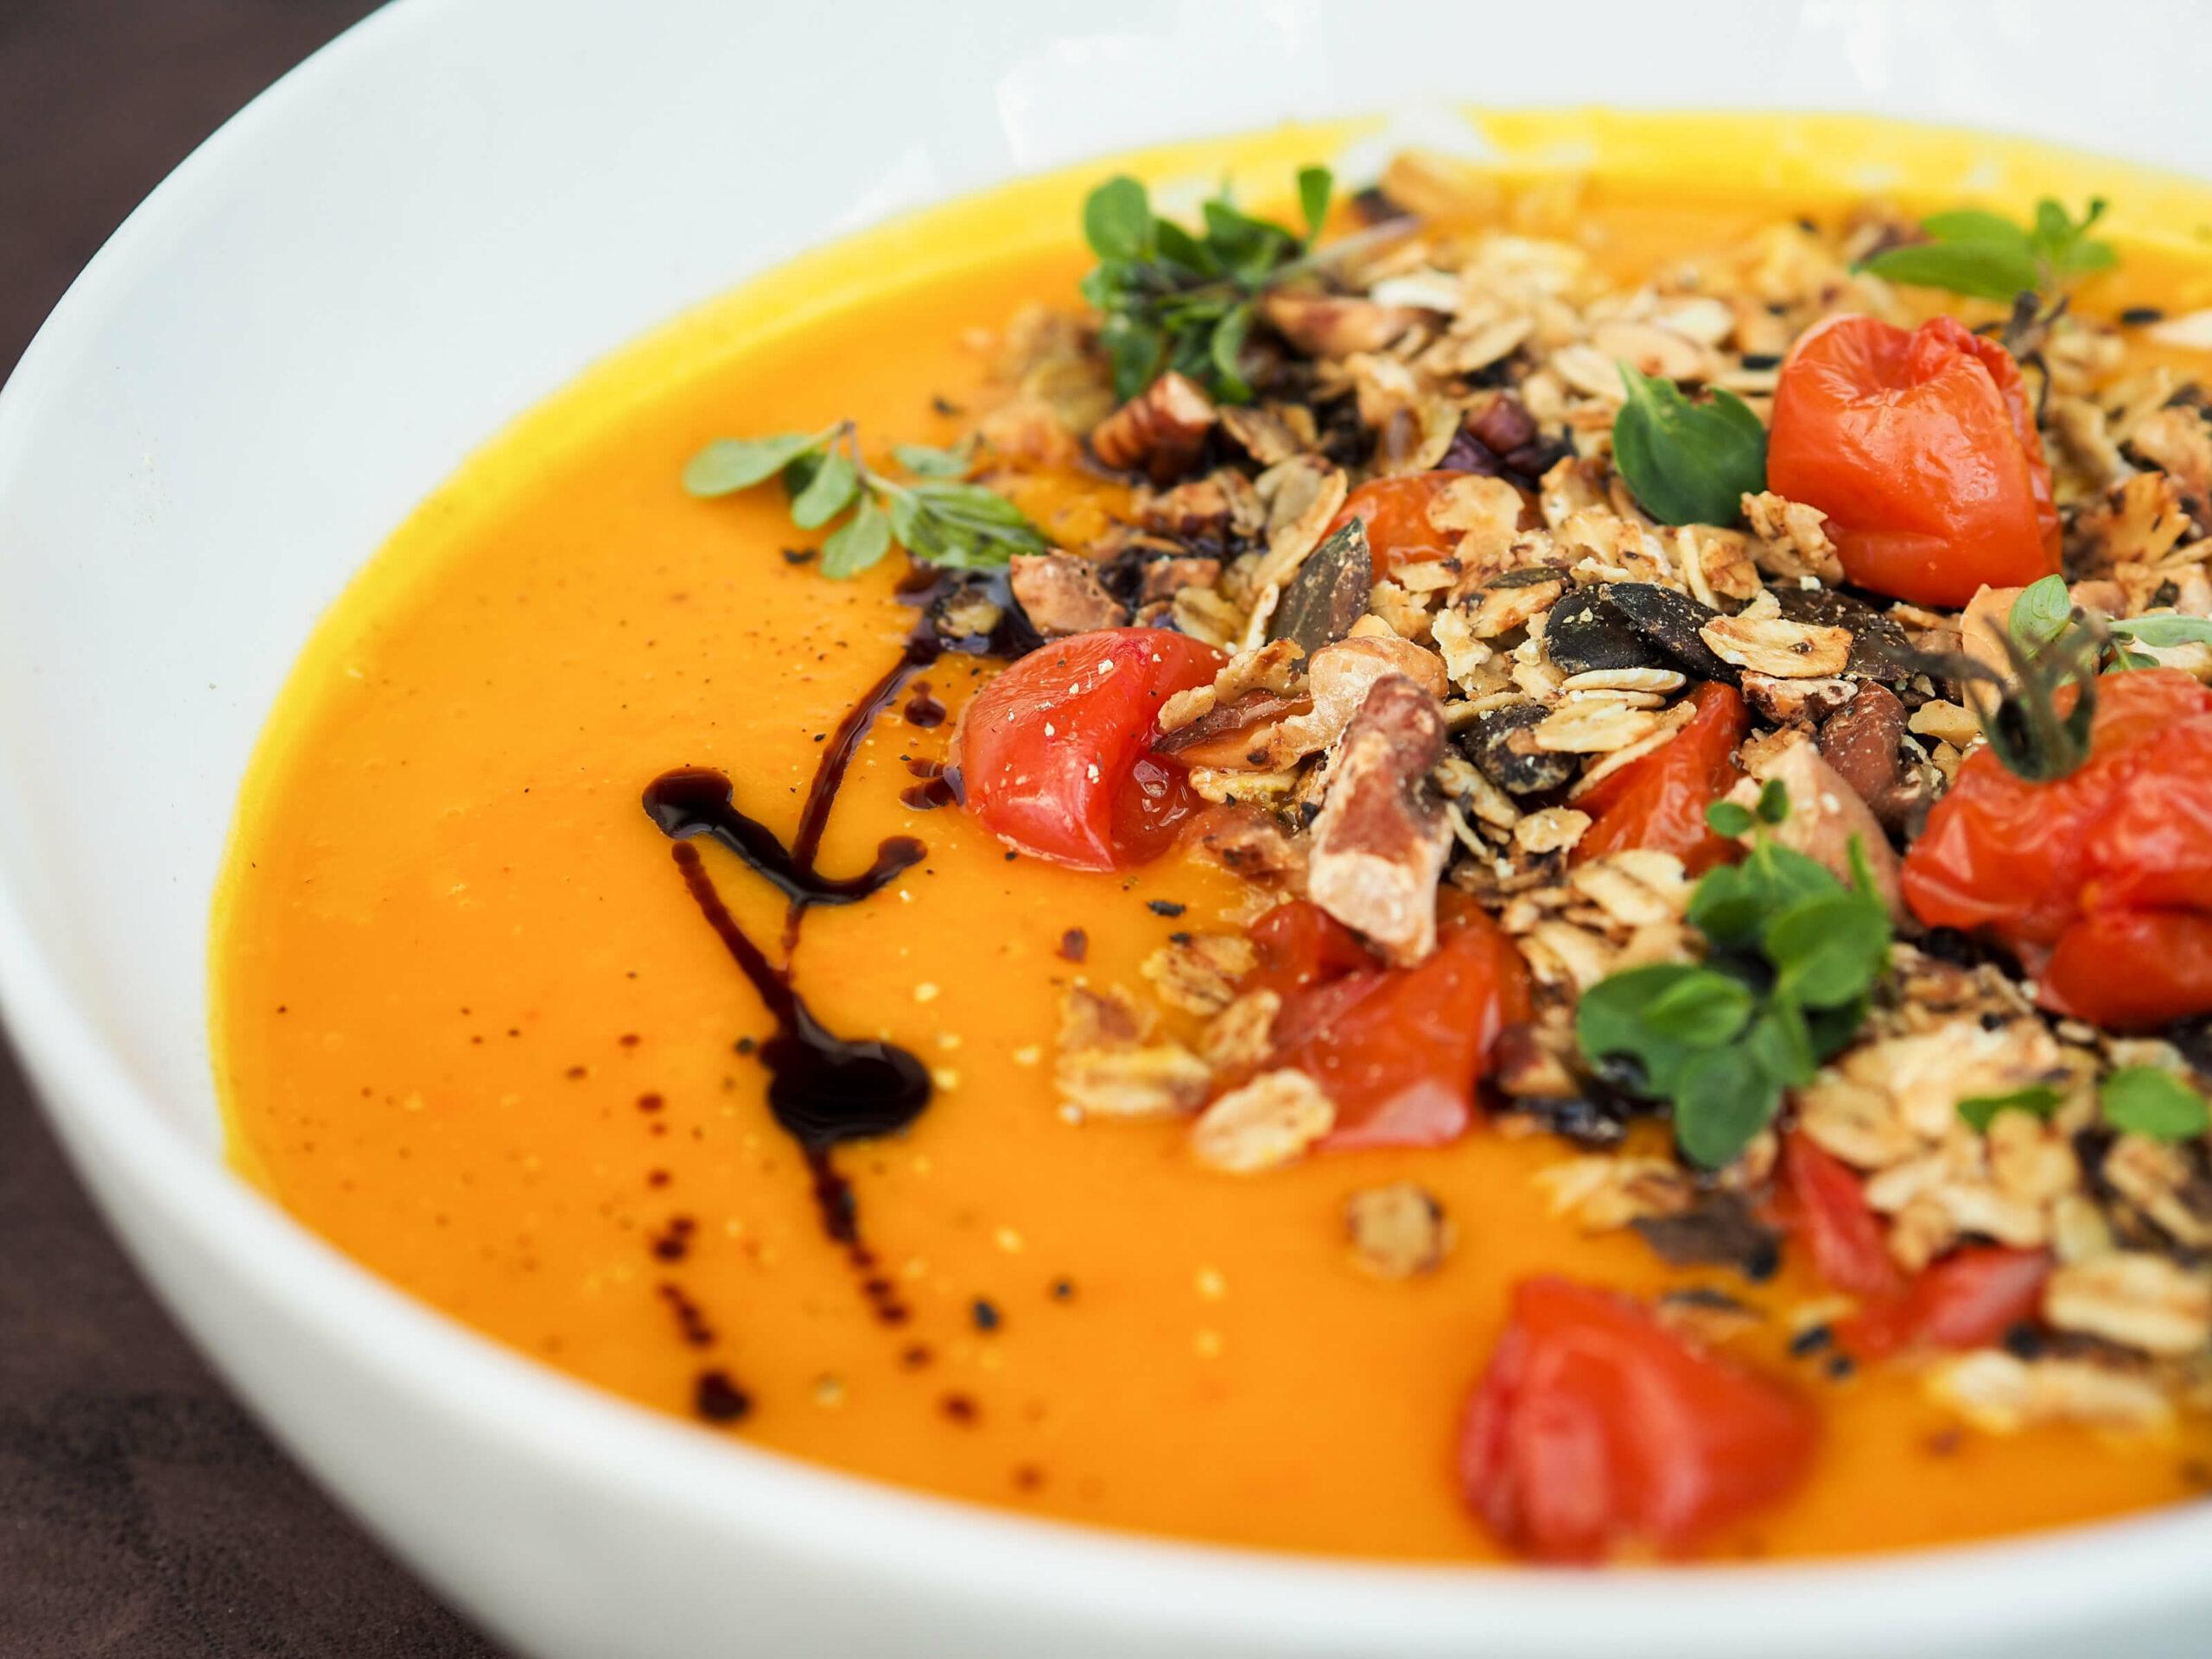 geröstete Kürbissuppe |Sauerteigbrot |Herbst | Suppe | herzhaftes Granola